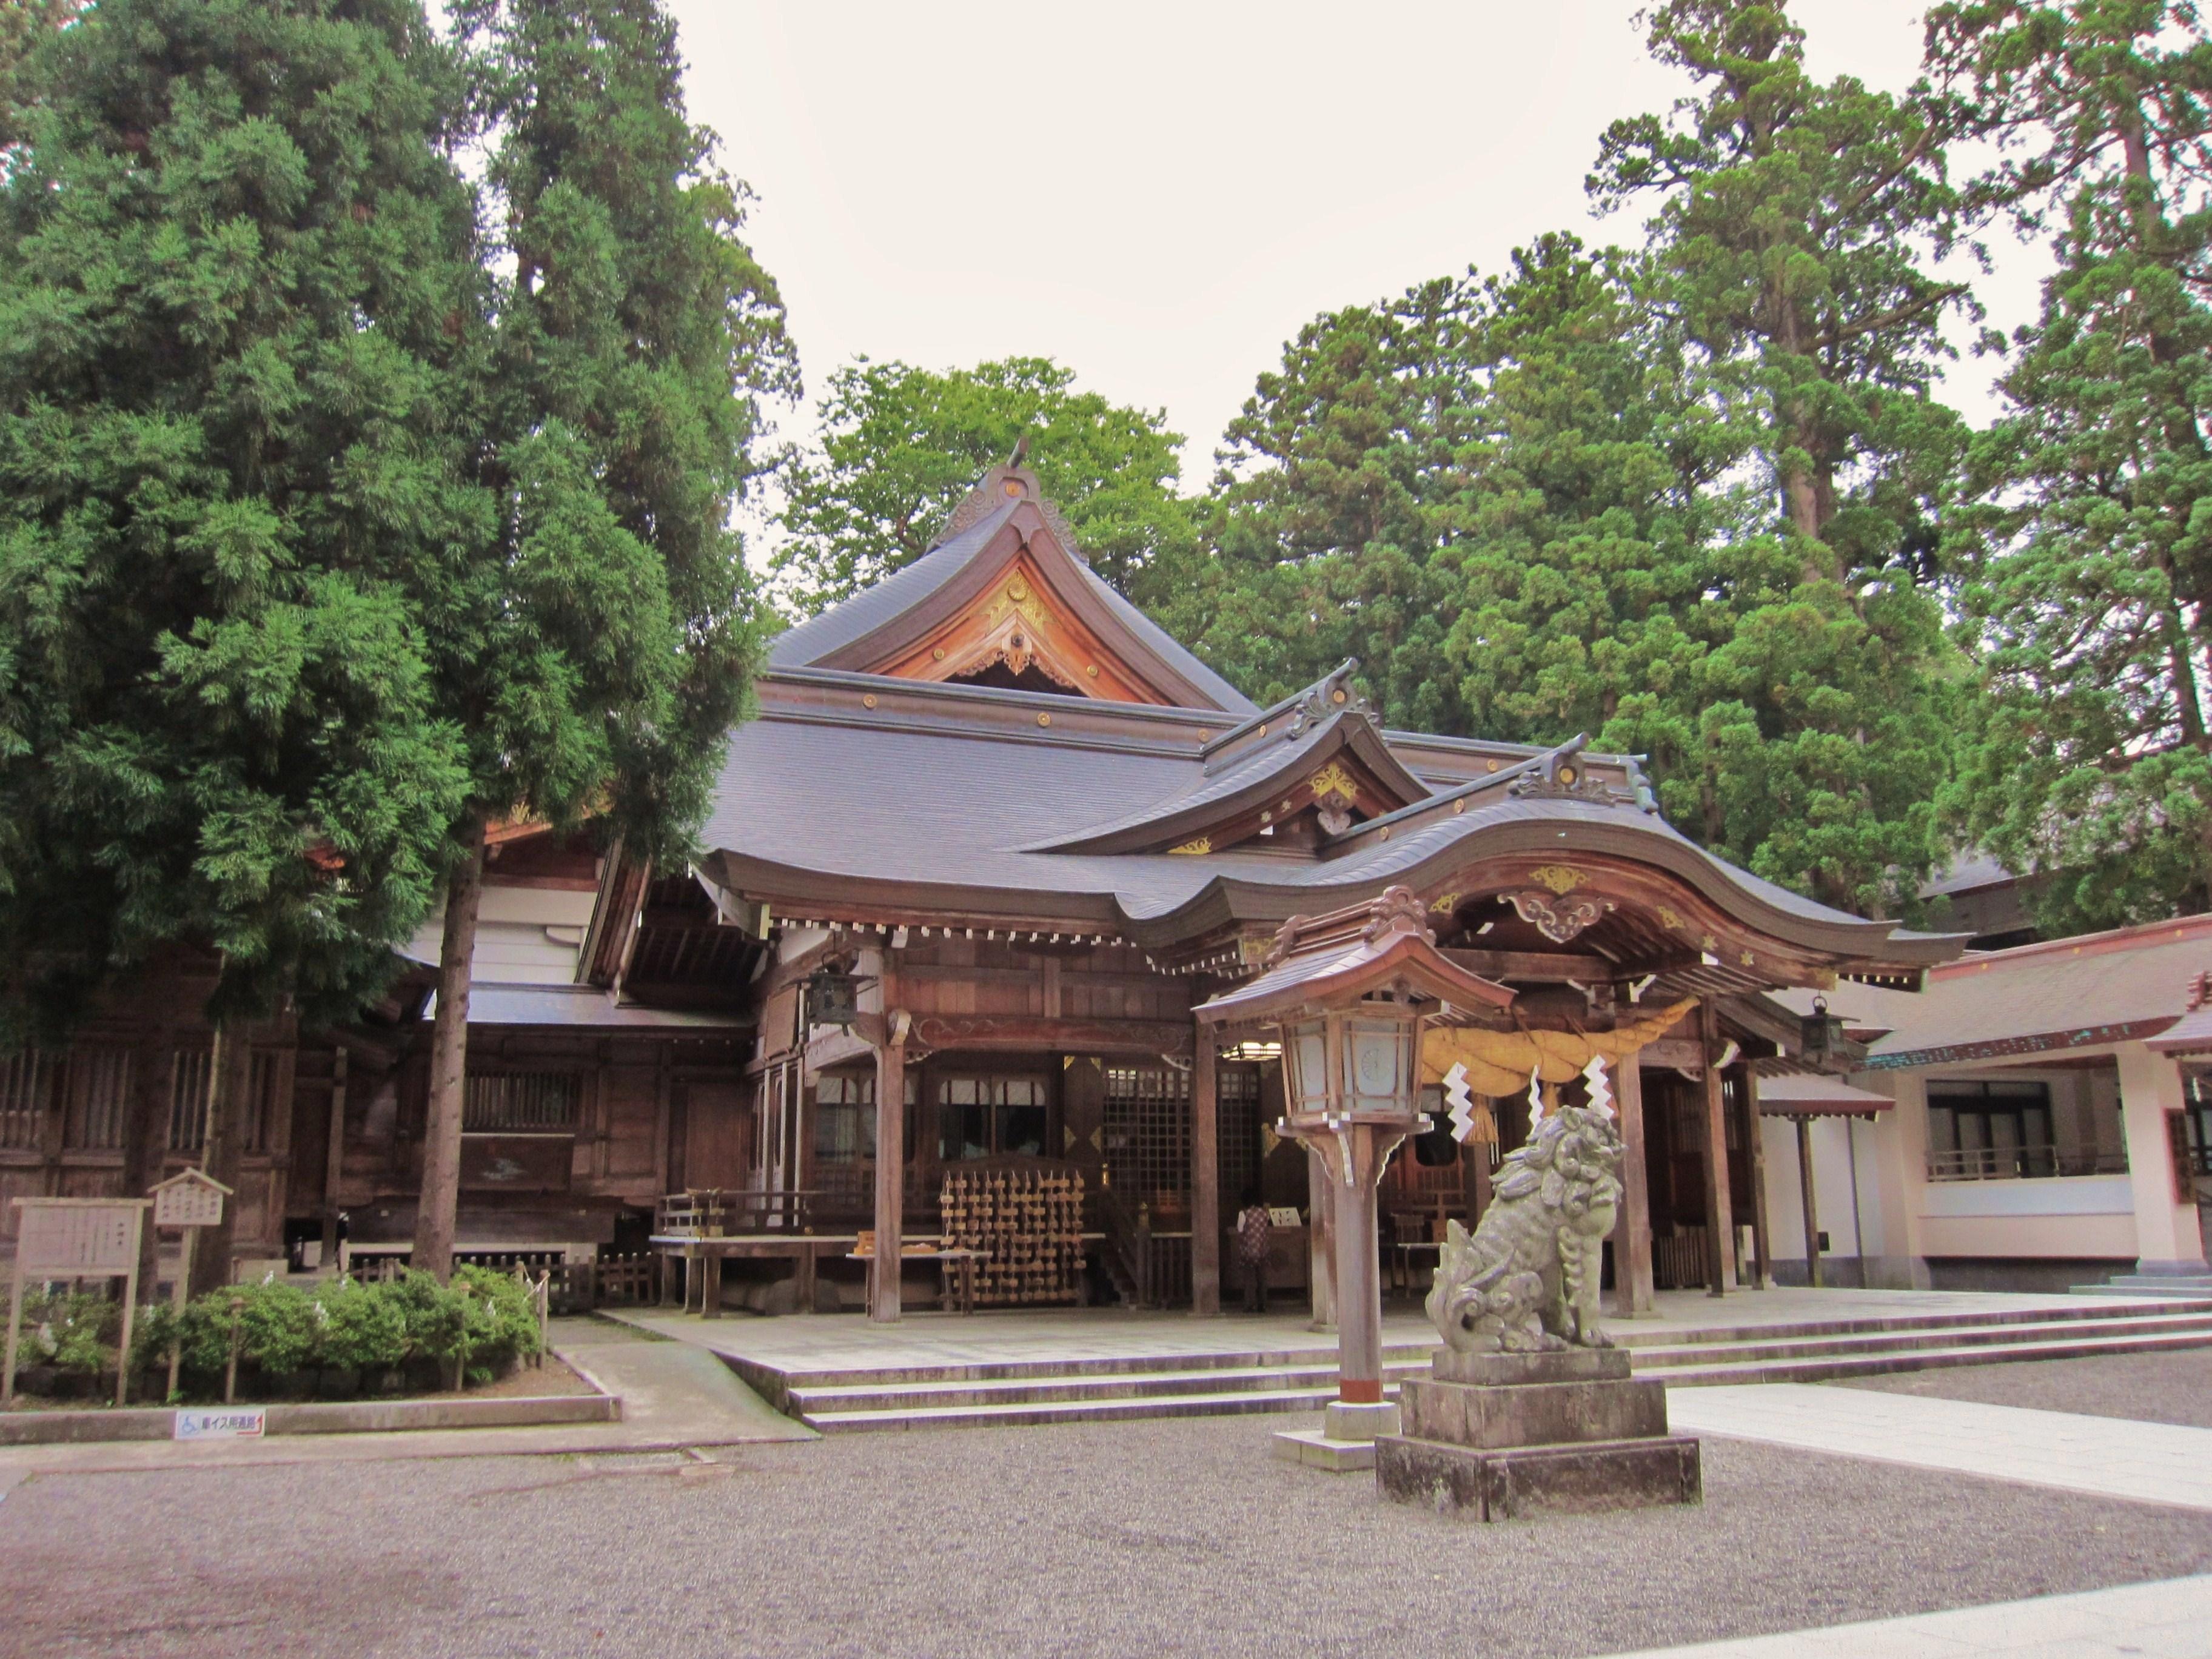 白山比め神社 - Wikiwand